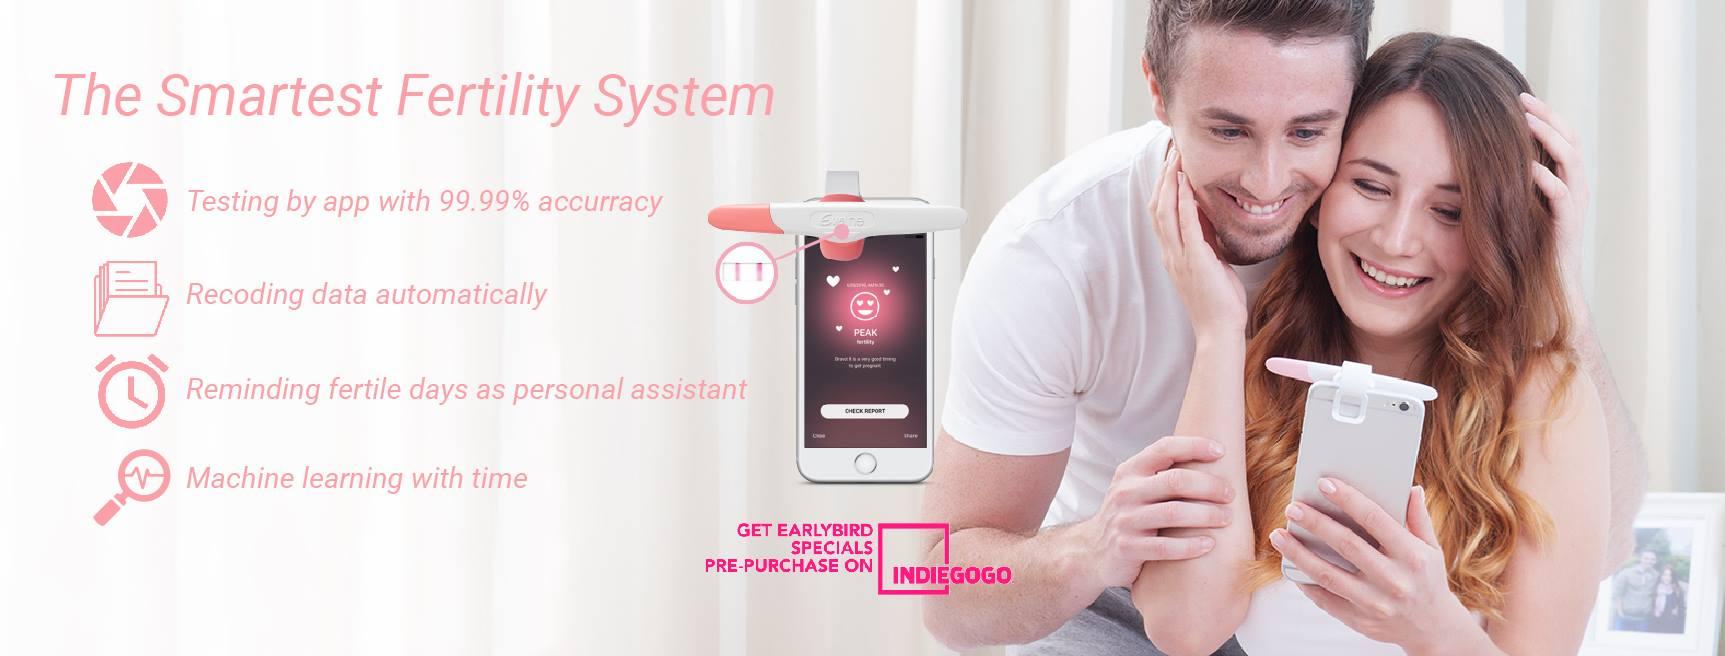 Eveline Smart Fertility System